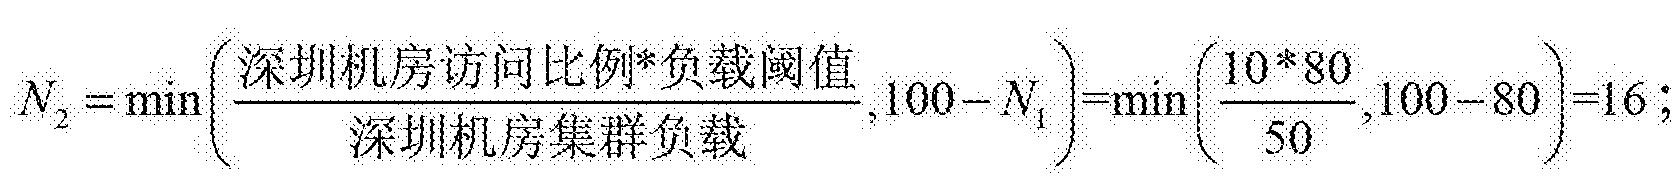 Figure CN103391299BD00104